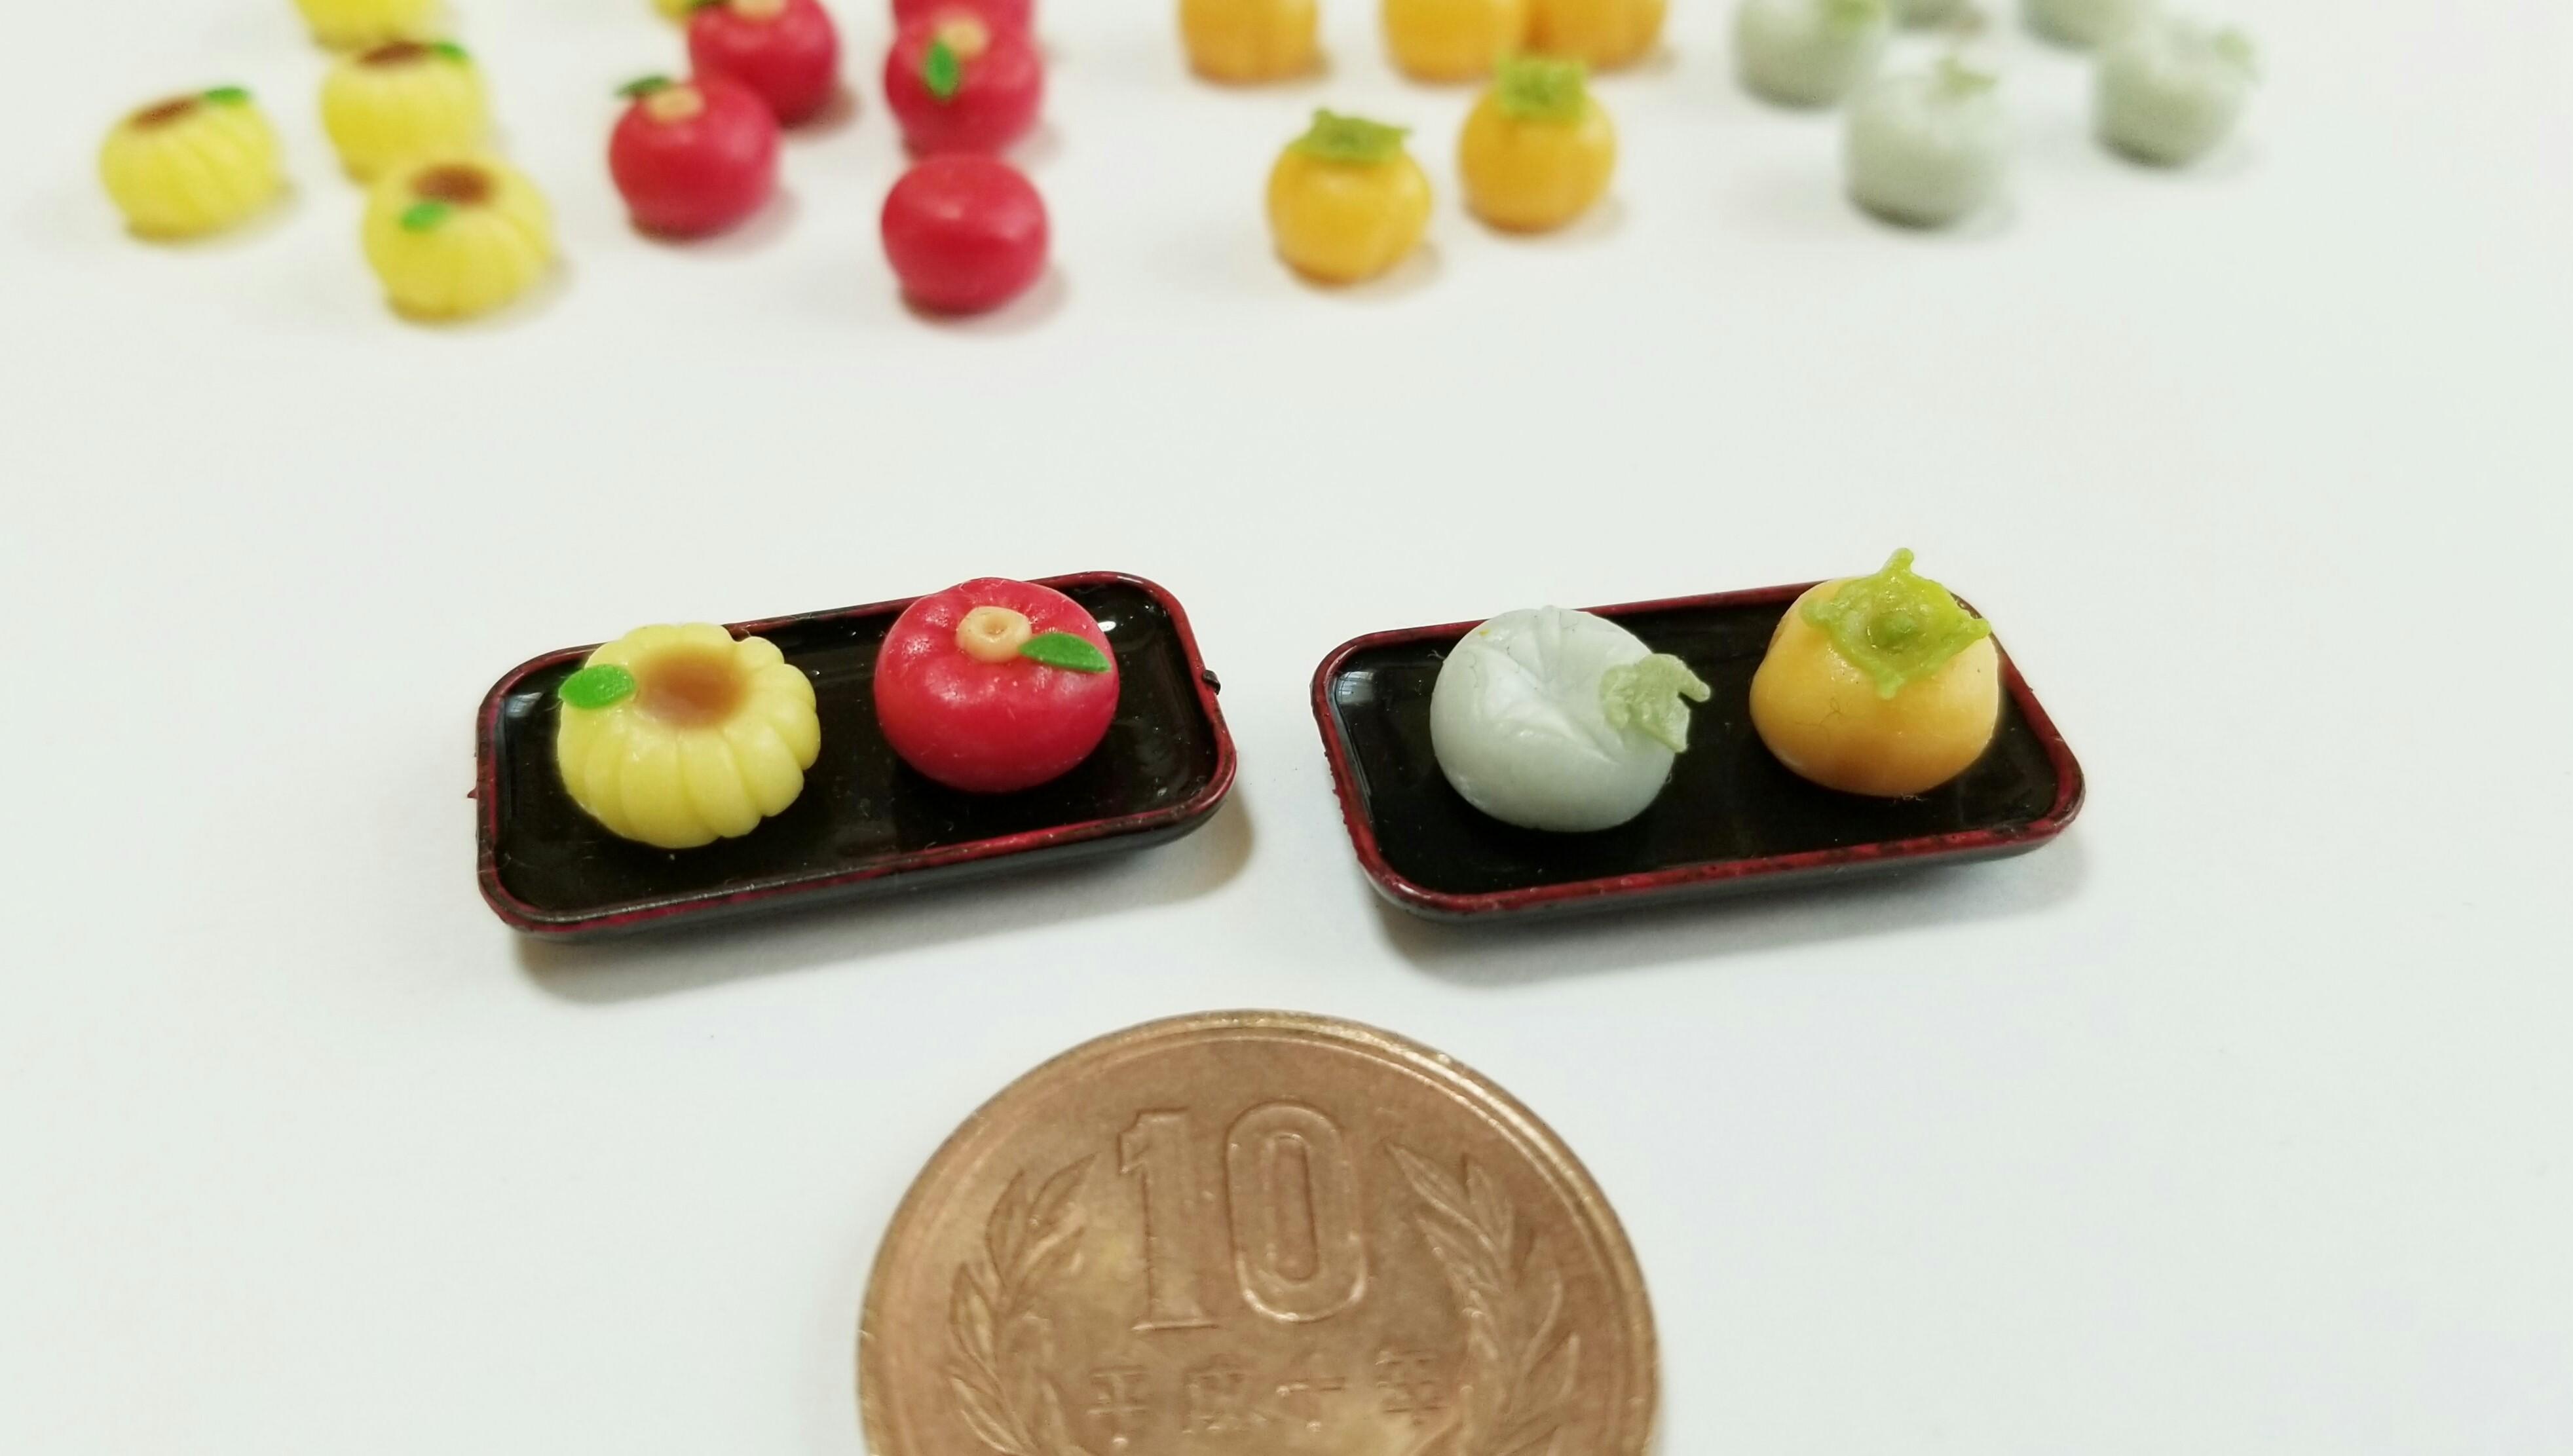 かわいい和菓子生練りきり綺麗な人気おすすめ大好き画像写真小物